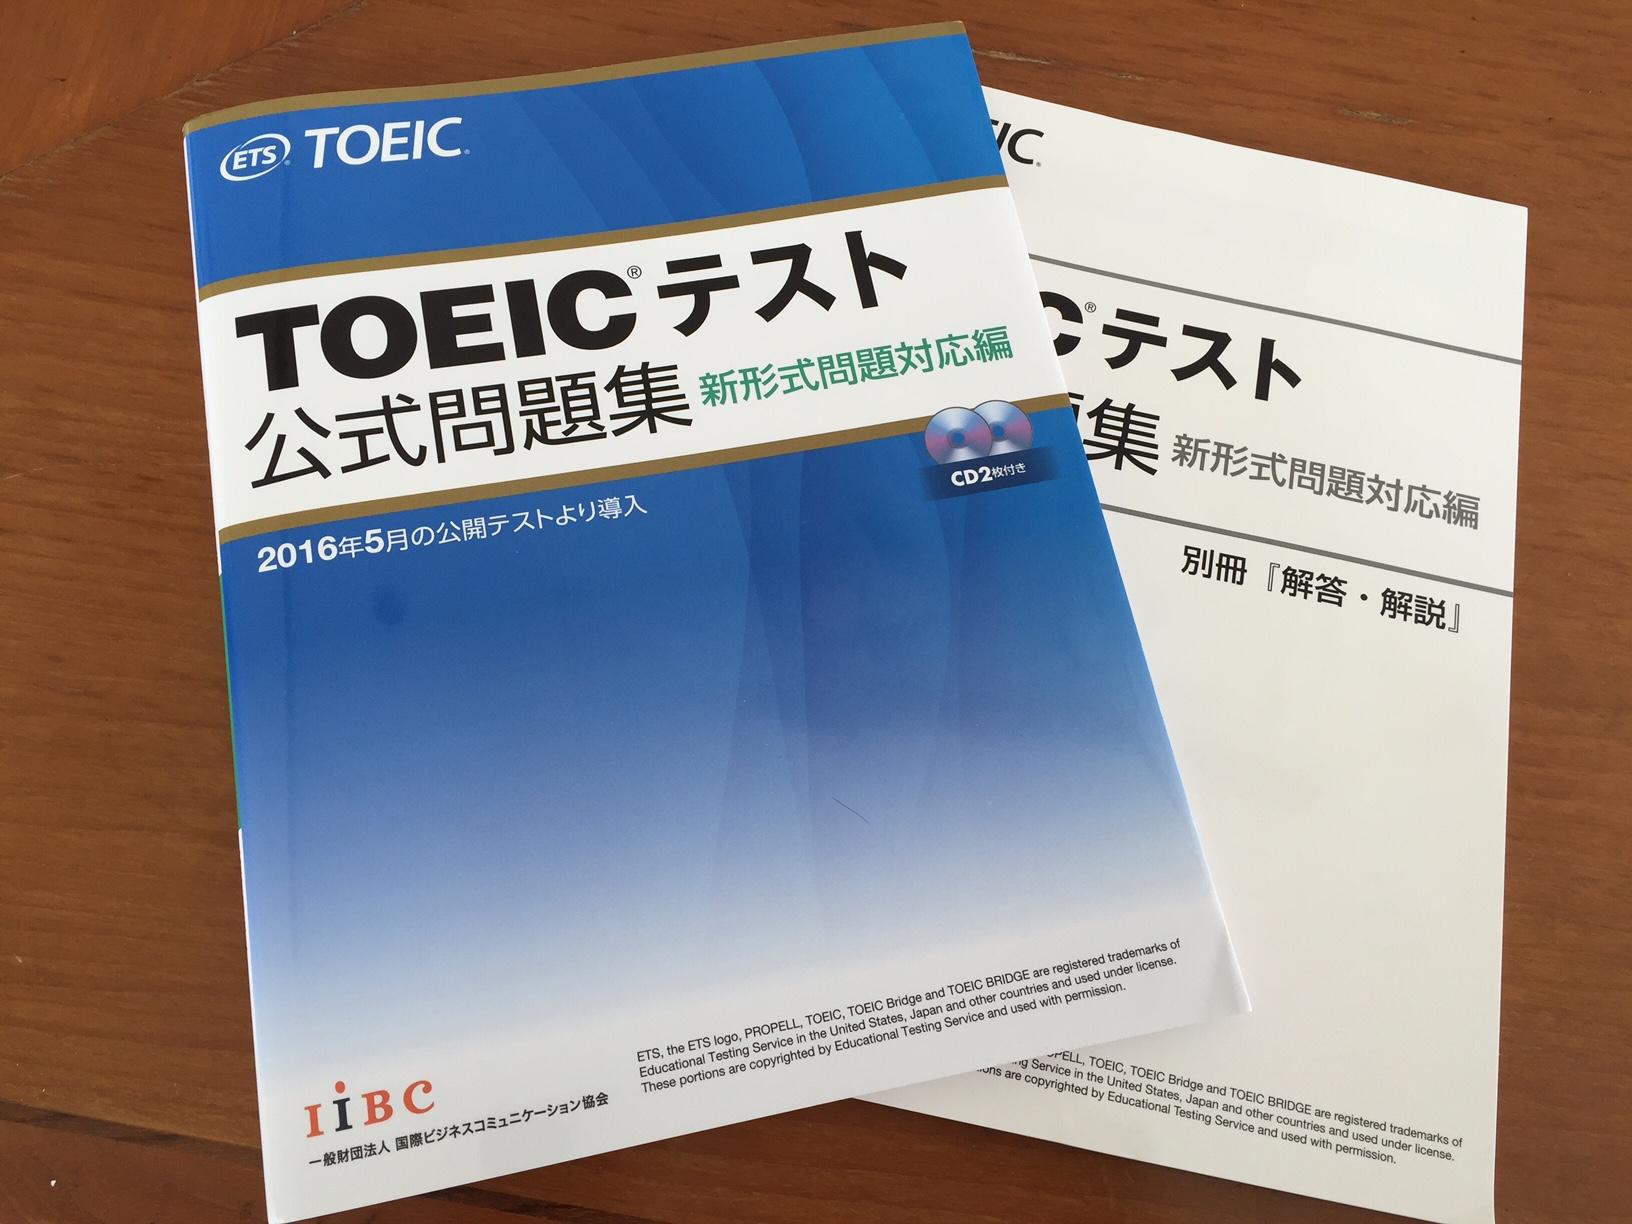 「TOEIC(R)テスト公式問題集 新形式問題対応編」の感想・レビュー①